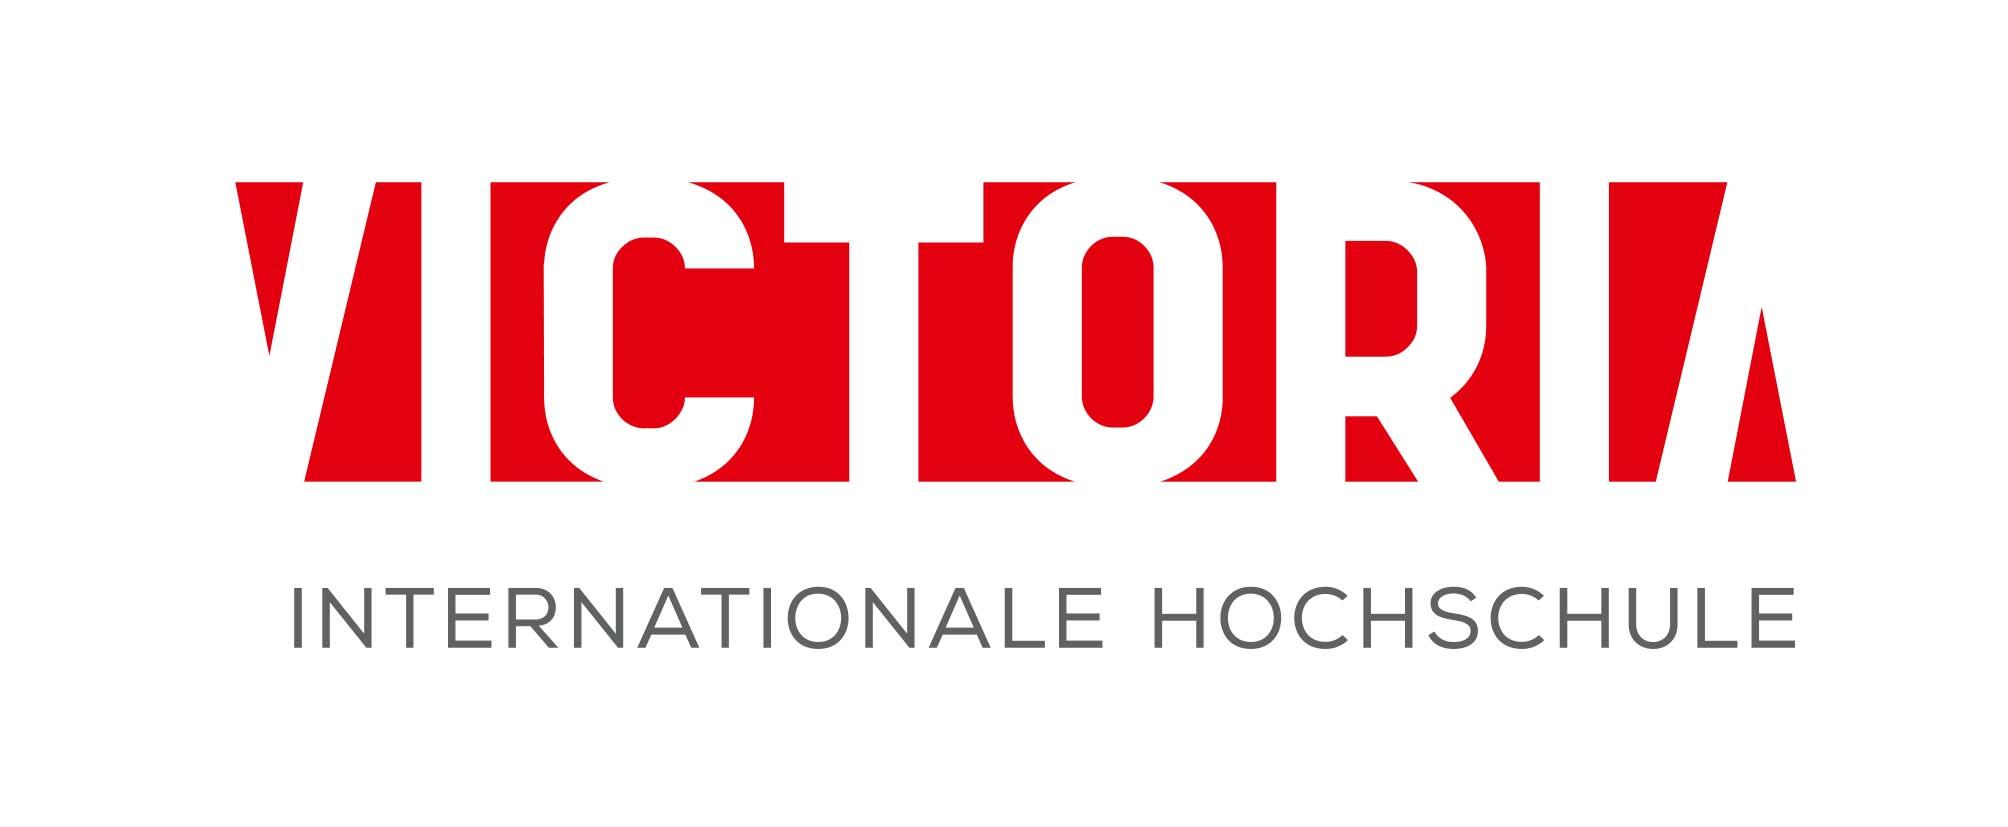 VICTORIA Internationale Hochschule Logo